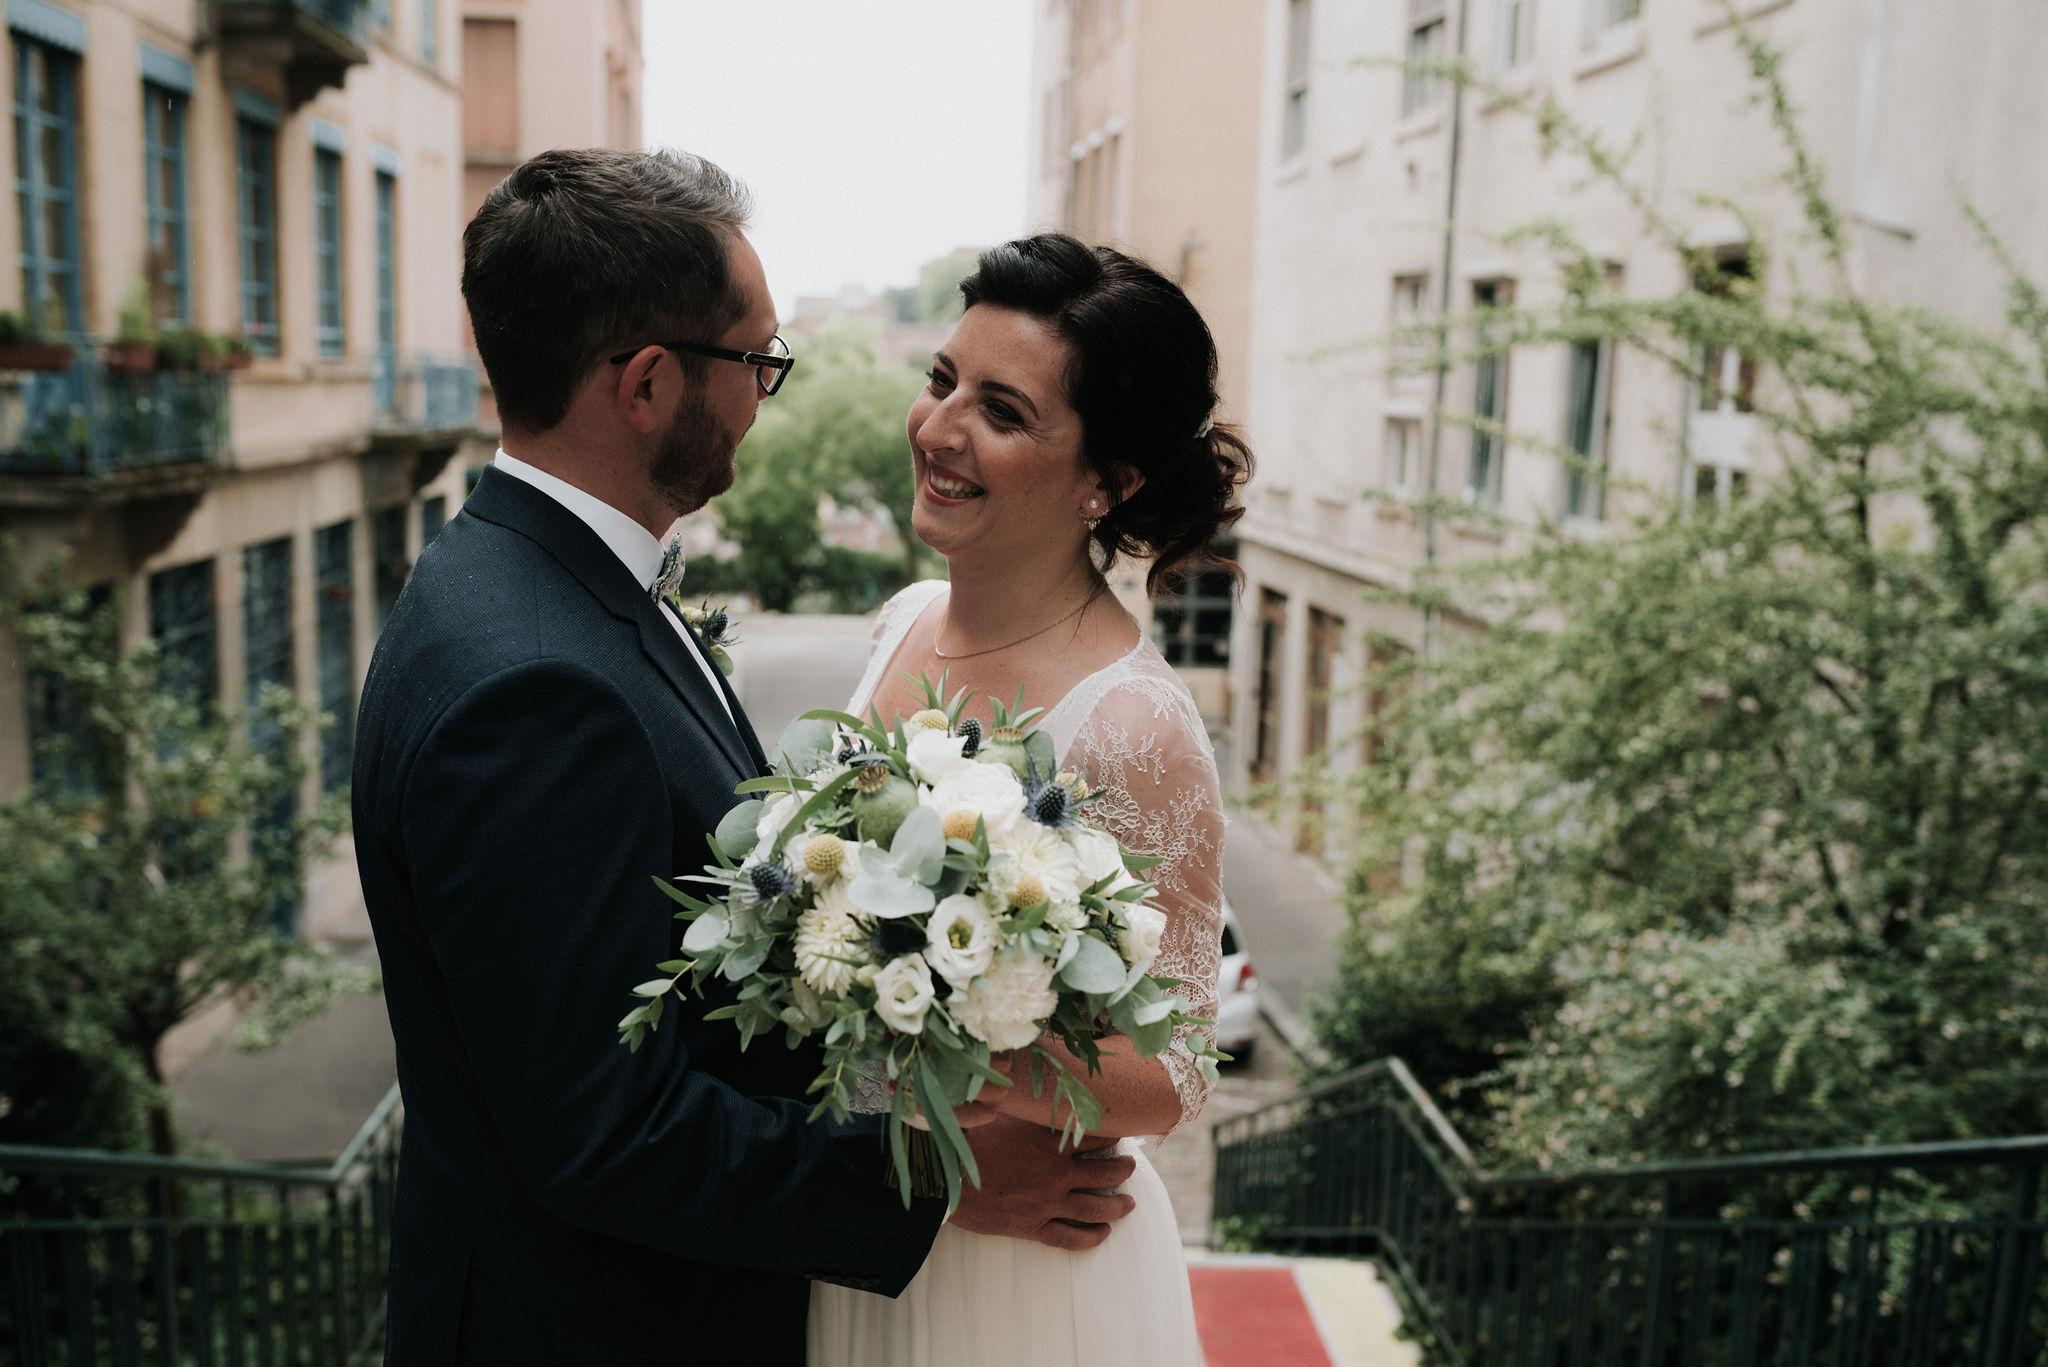 Léa-Fery-photographe-professionnel-lyon-rhone-alpes-portrait-creation-mariage-evenement-evenementiel-famille-5526.jpg